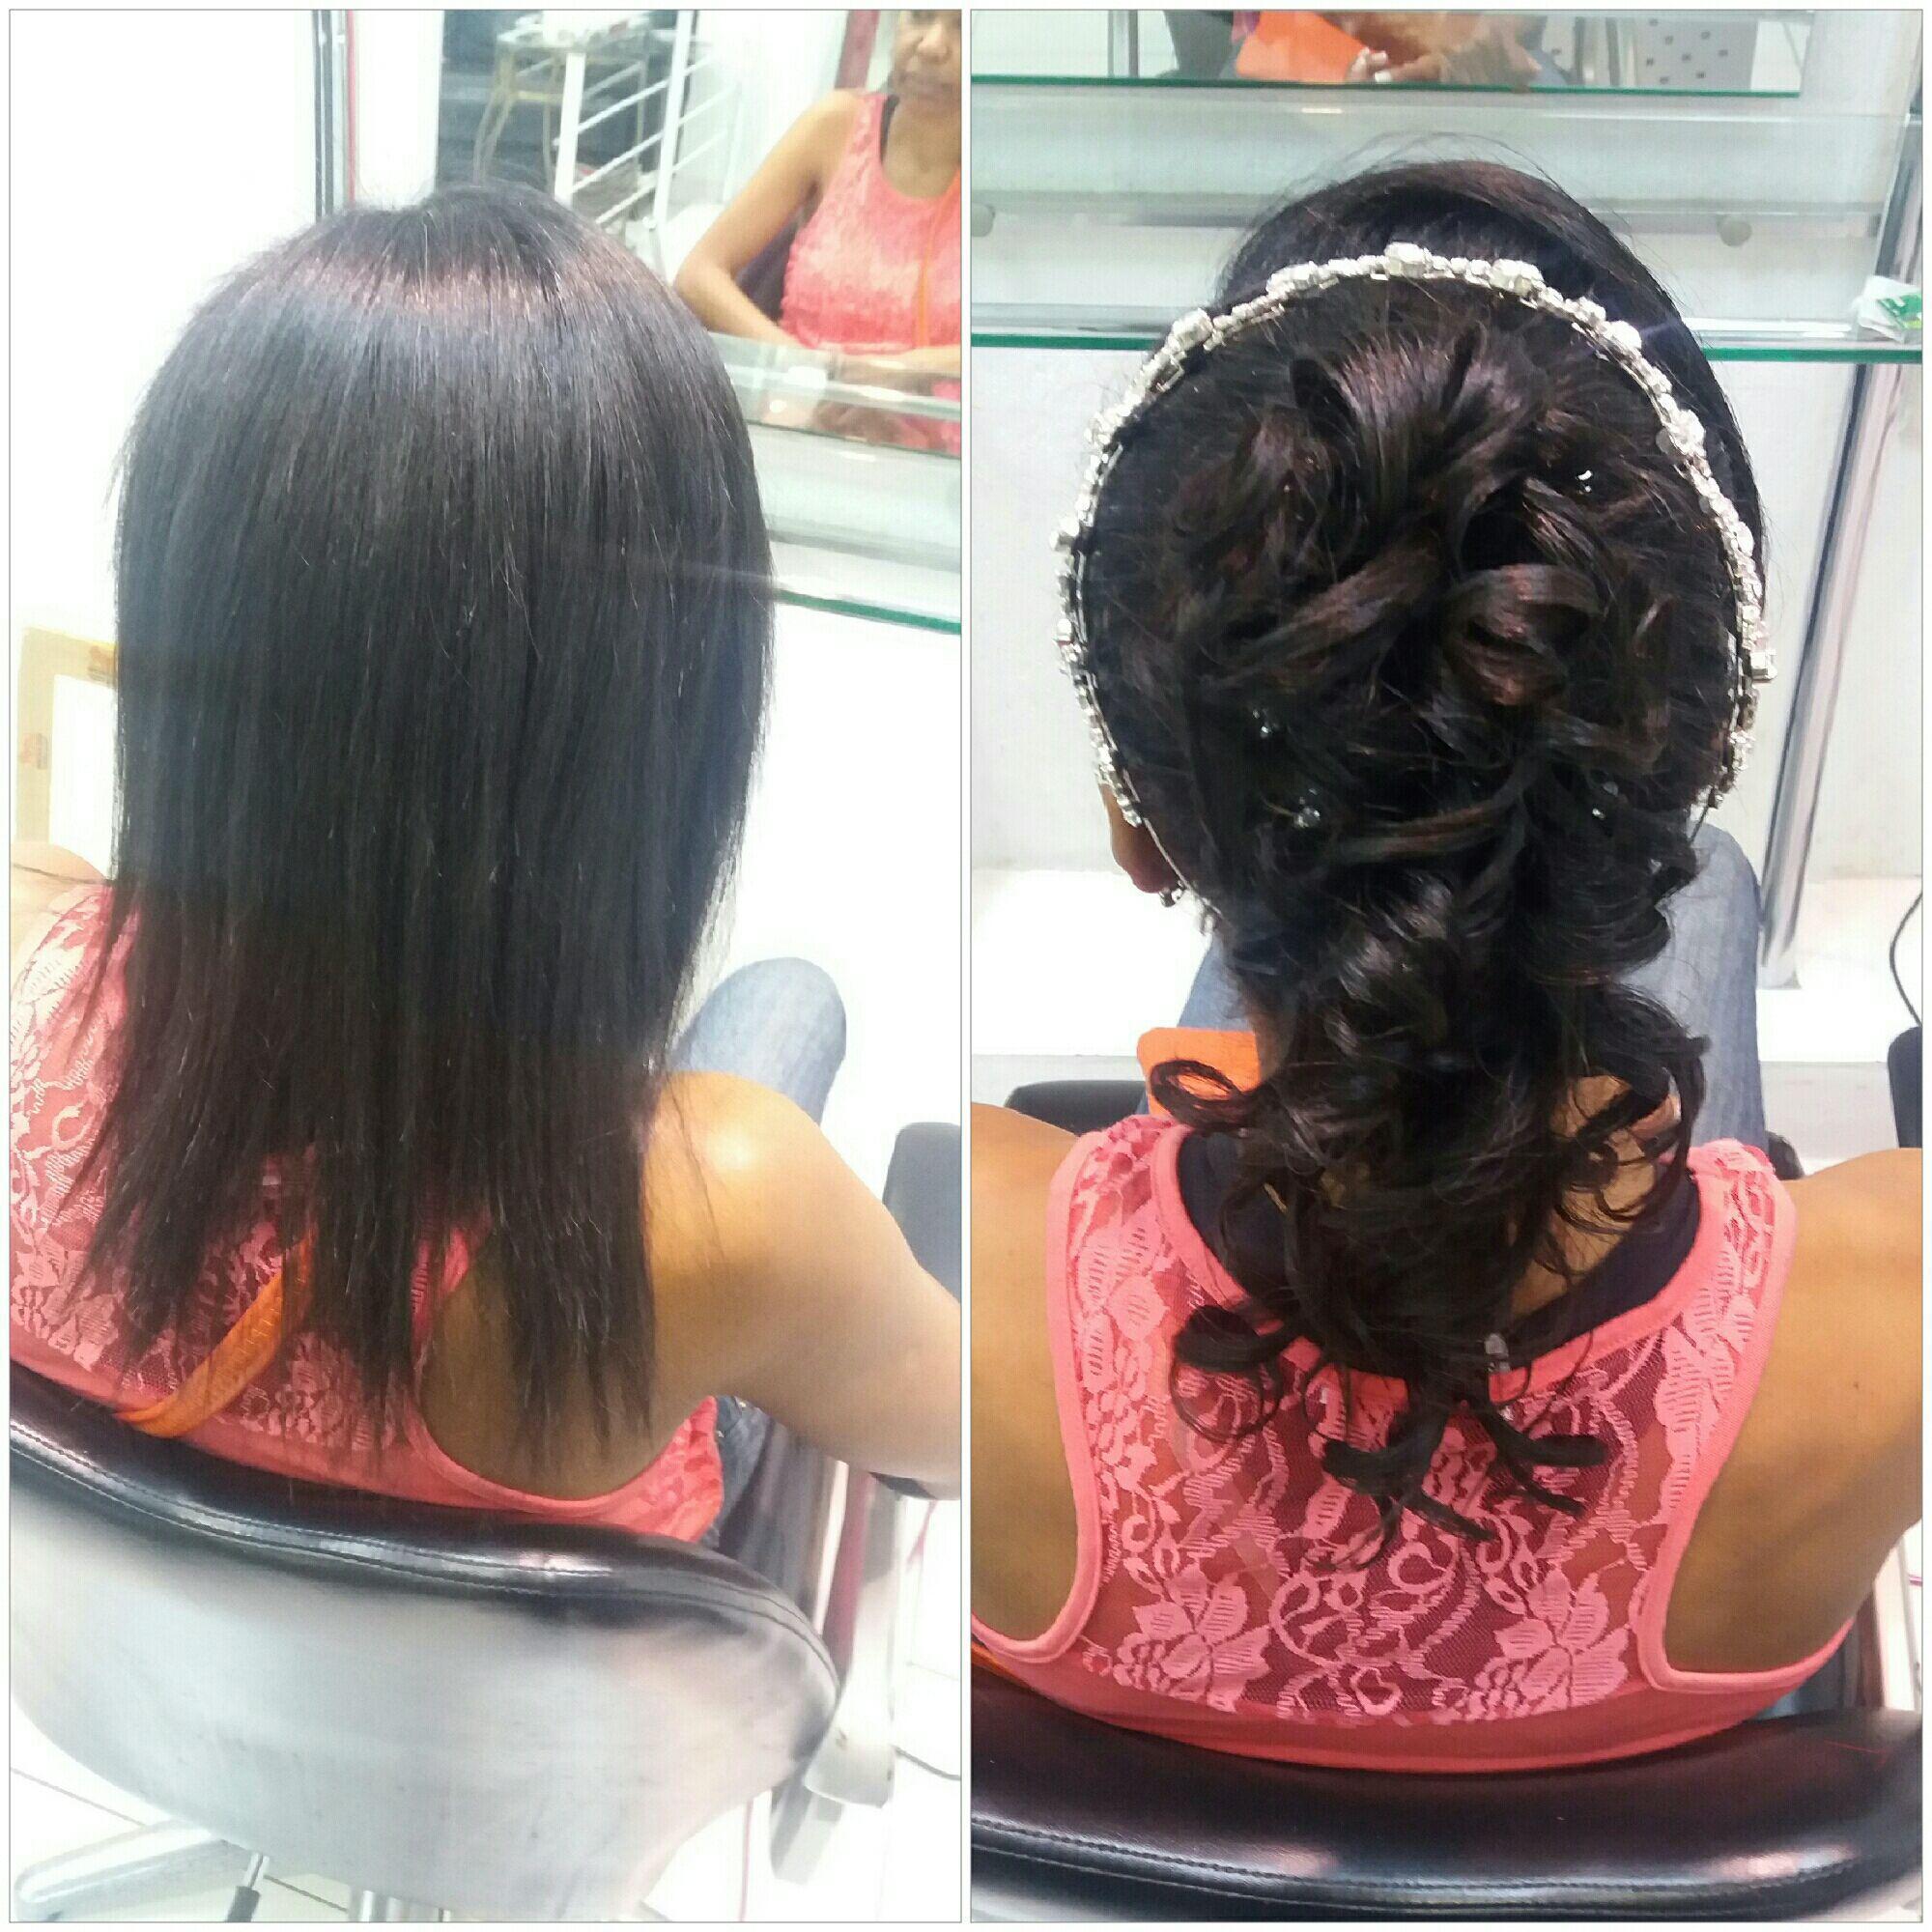 Penteado semi preso cabelo auxiliar cabeleireiro(a) auxiliar cabeleireiro(a) auxiliar cabeleireiro(a) auxiliar cabeleireiro(a) auxiliar cabeleireiro(a) barbeiro(a) cabeleireiro(a) escovista escovista stylist / visagista auxiliar cabeleireiro(a) barbeiro(a) auxiliar cabeleireiro(a) cabeleireiro(a) cabeleireiro(a) cabeleireiro(a) cabeleireiro(a)